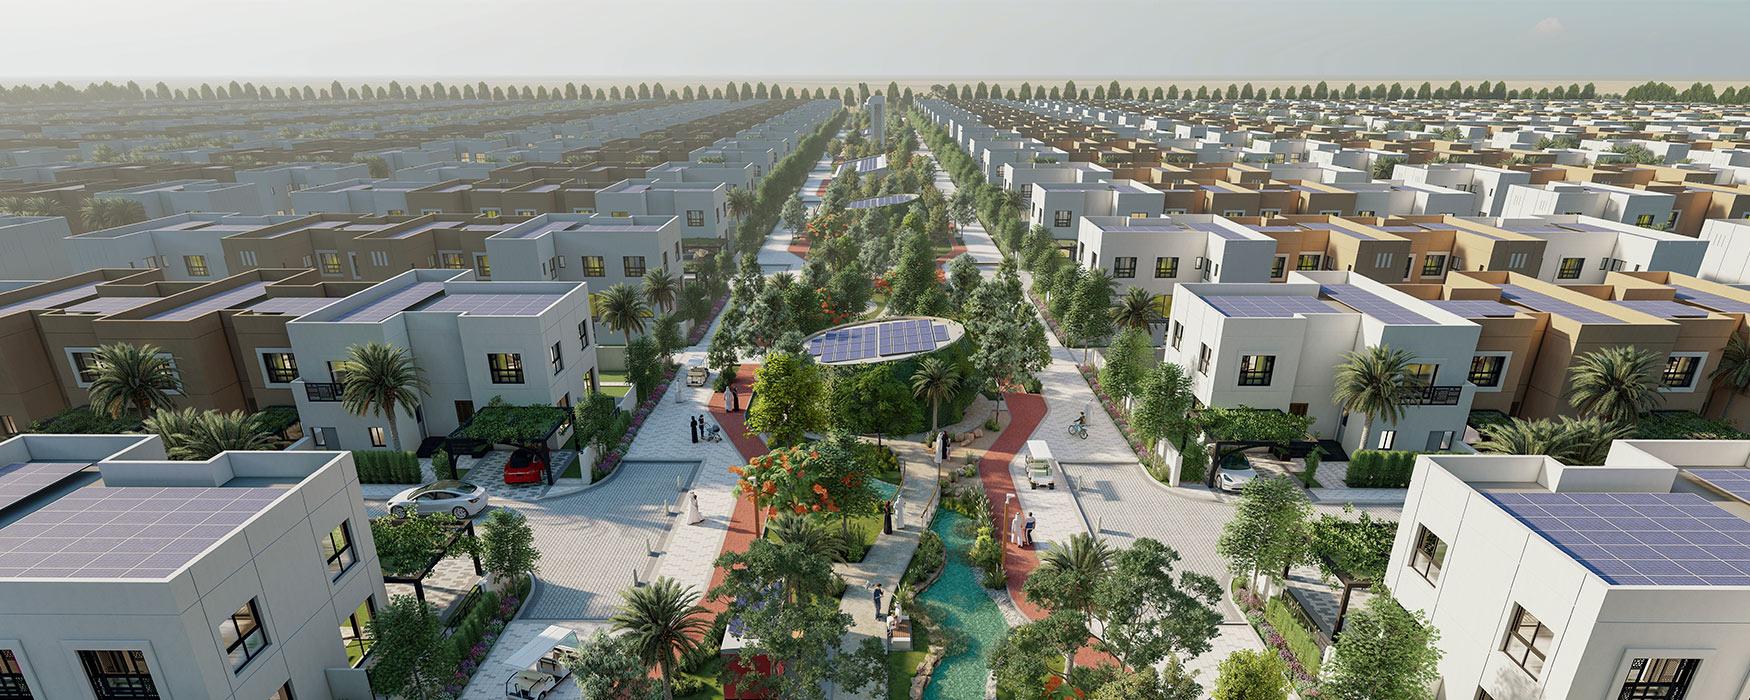 Luxury Villas In Sharjah Sustainable City